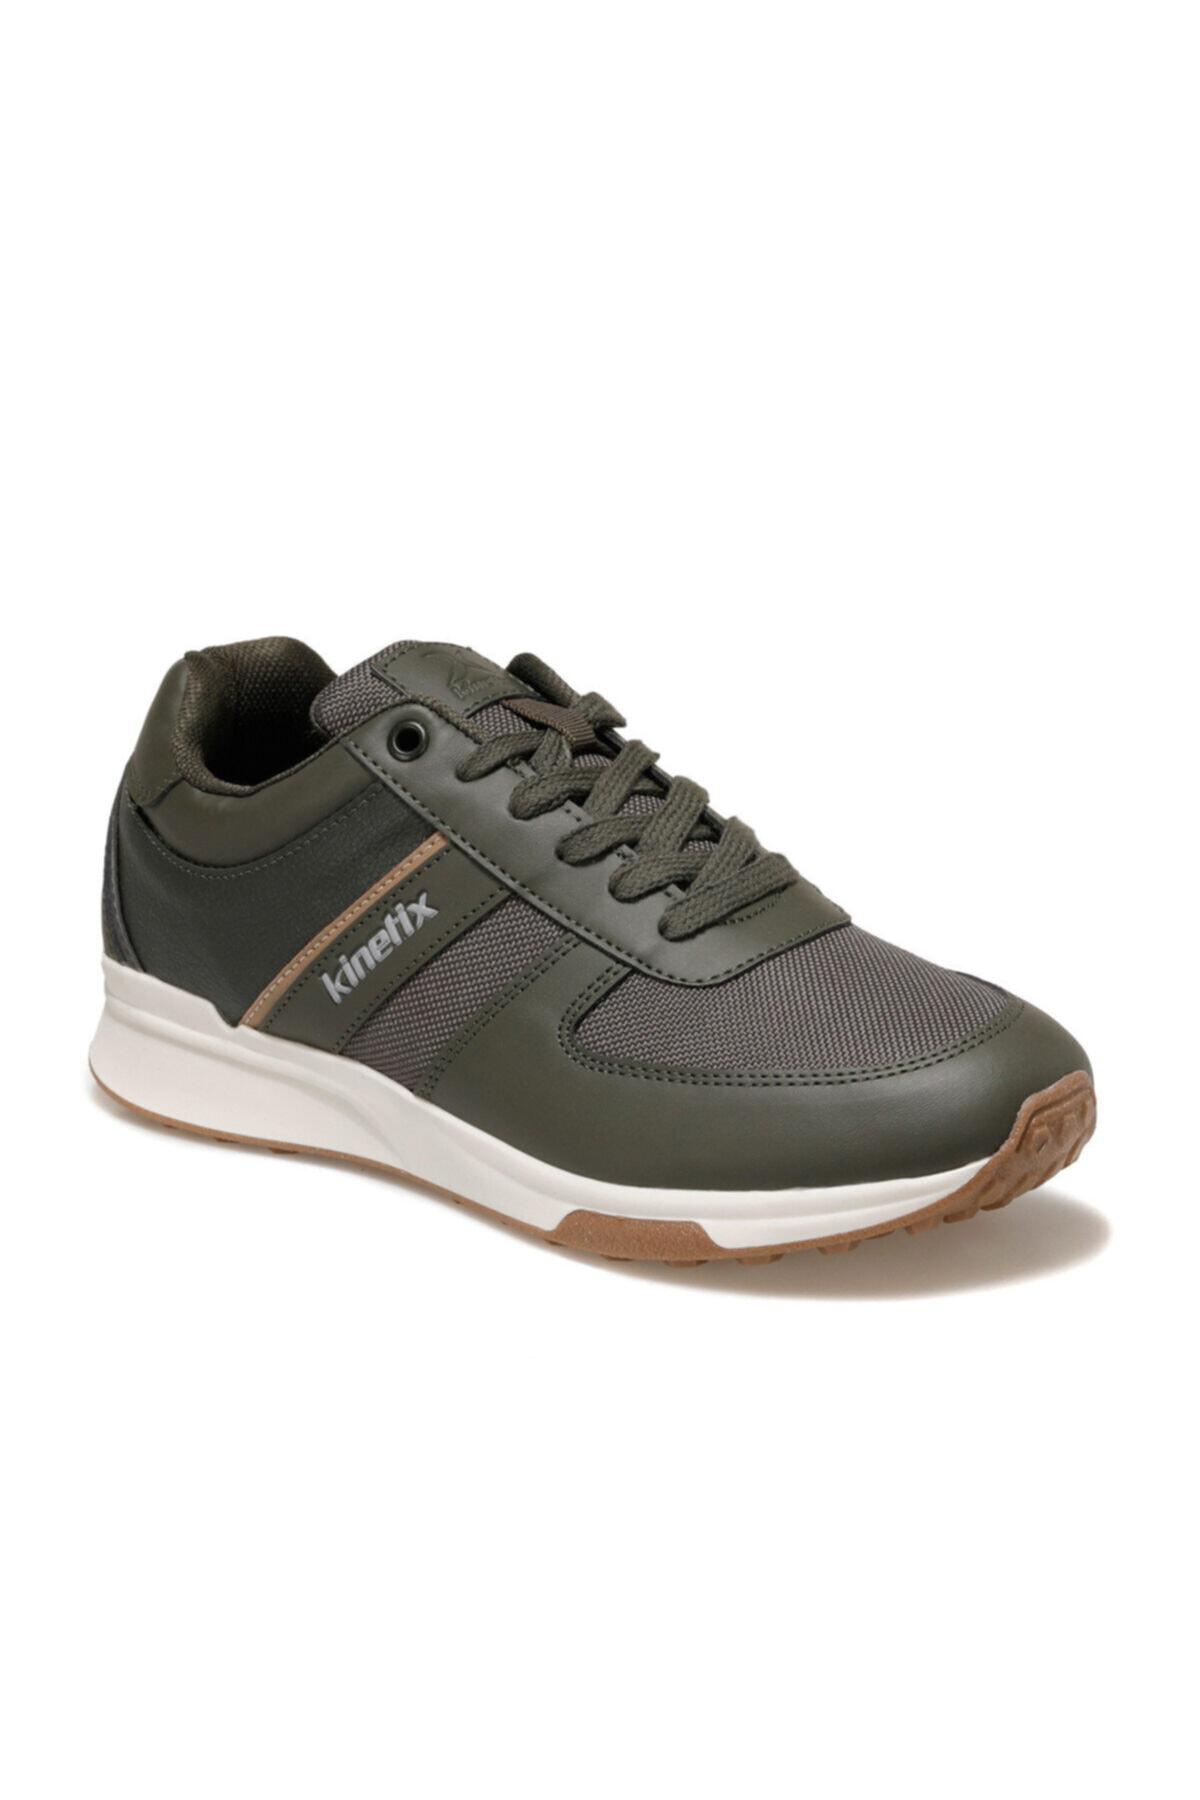 Kinetix MULTIMI Haki Erkek Sneaker Ayakkabı 100557707 1